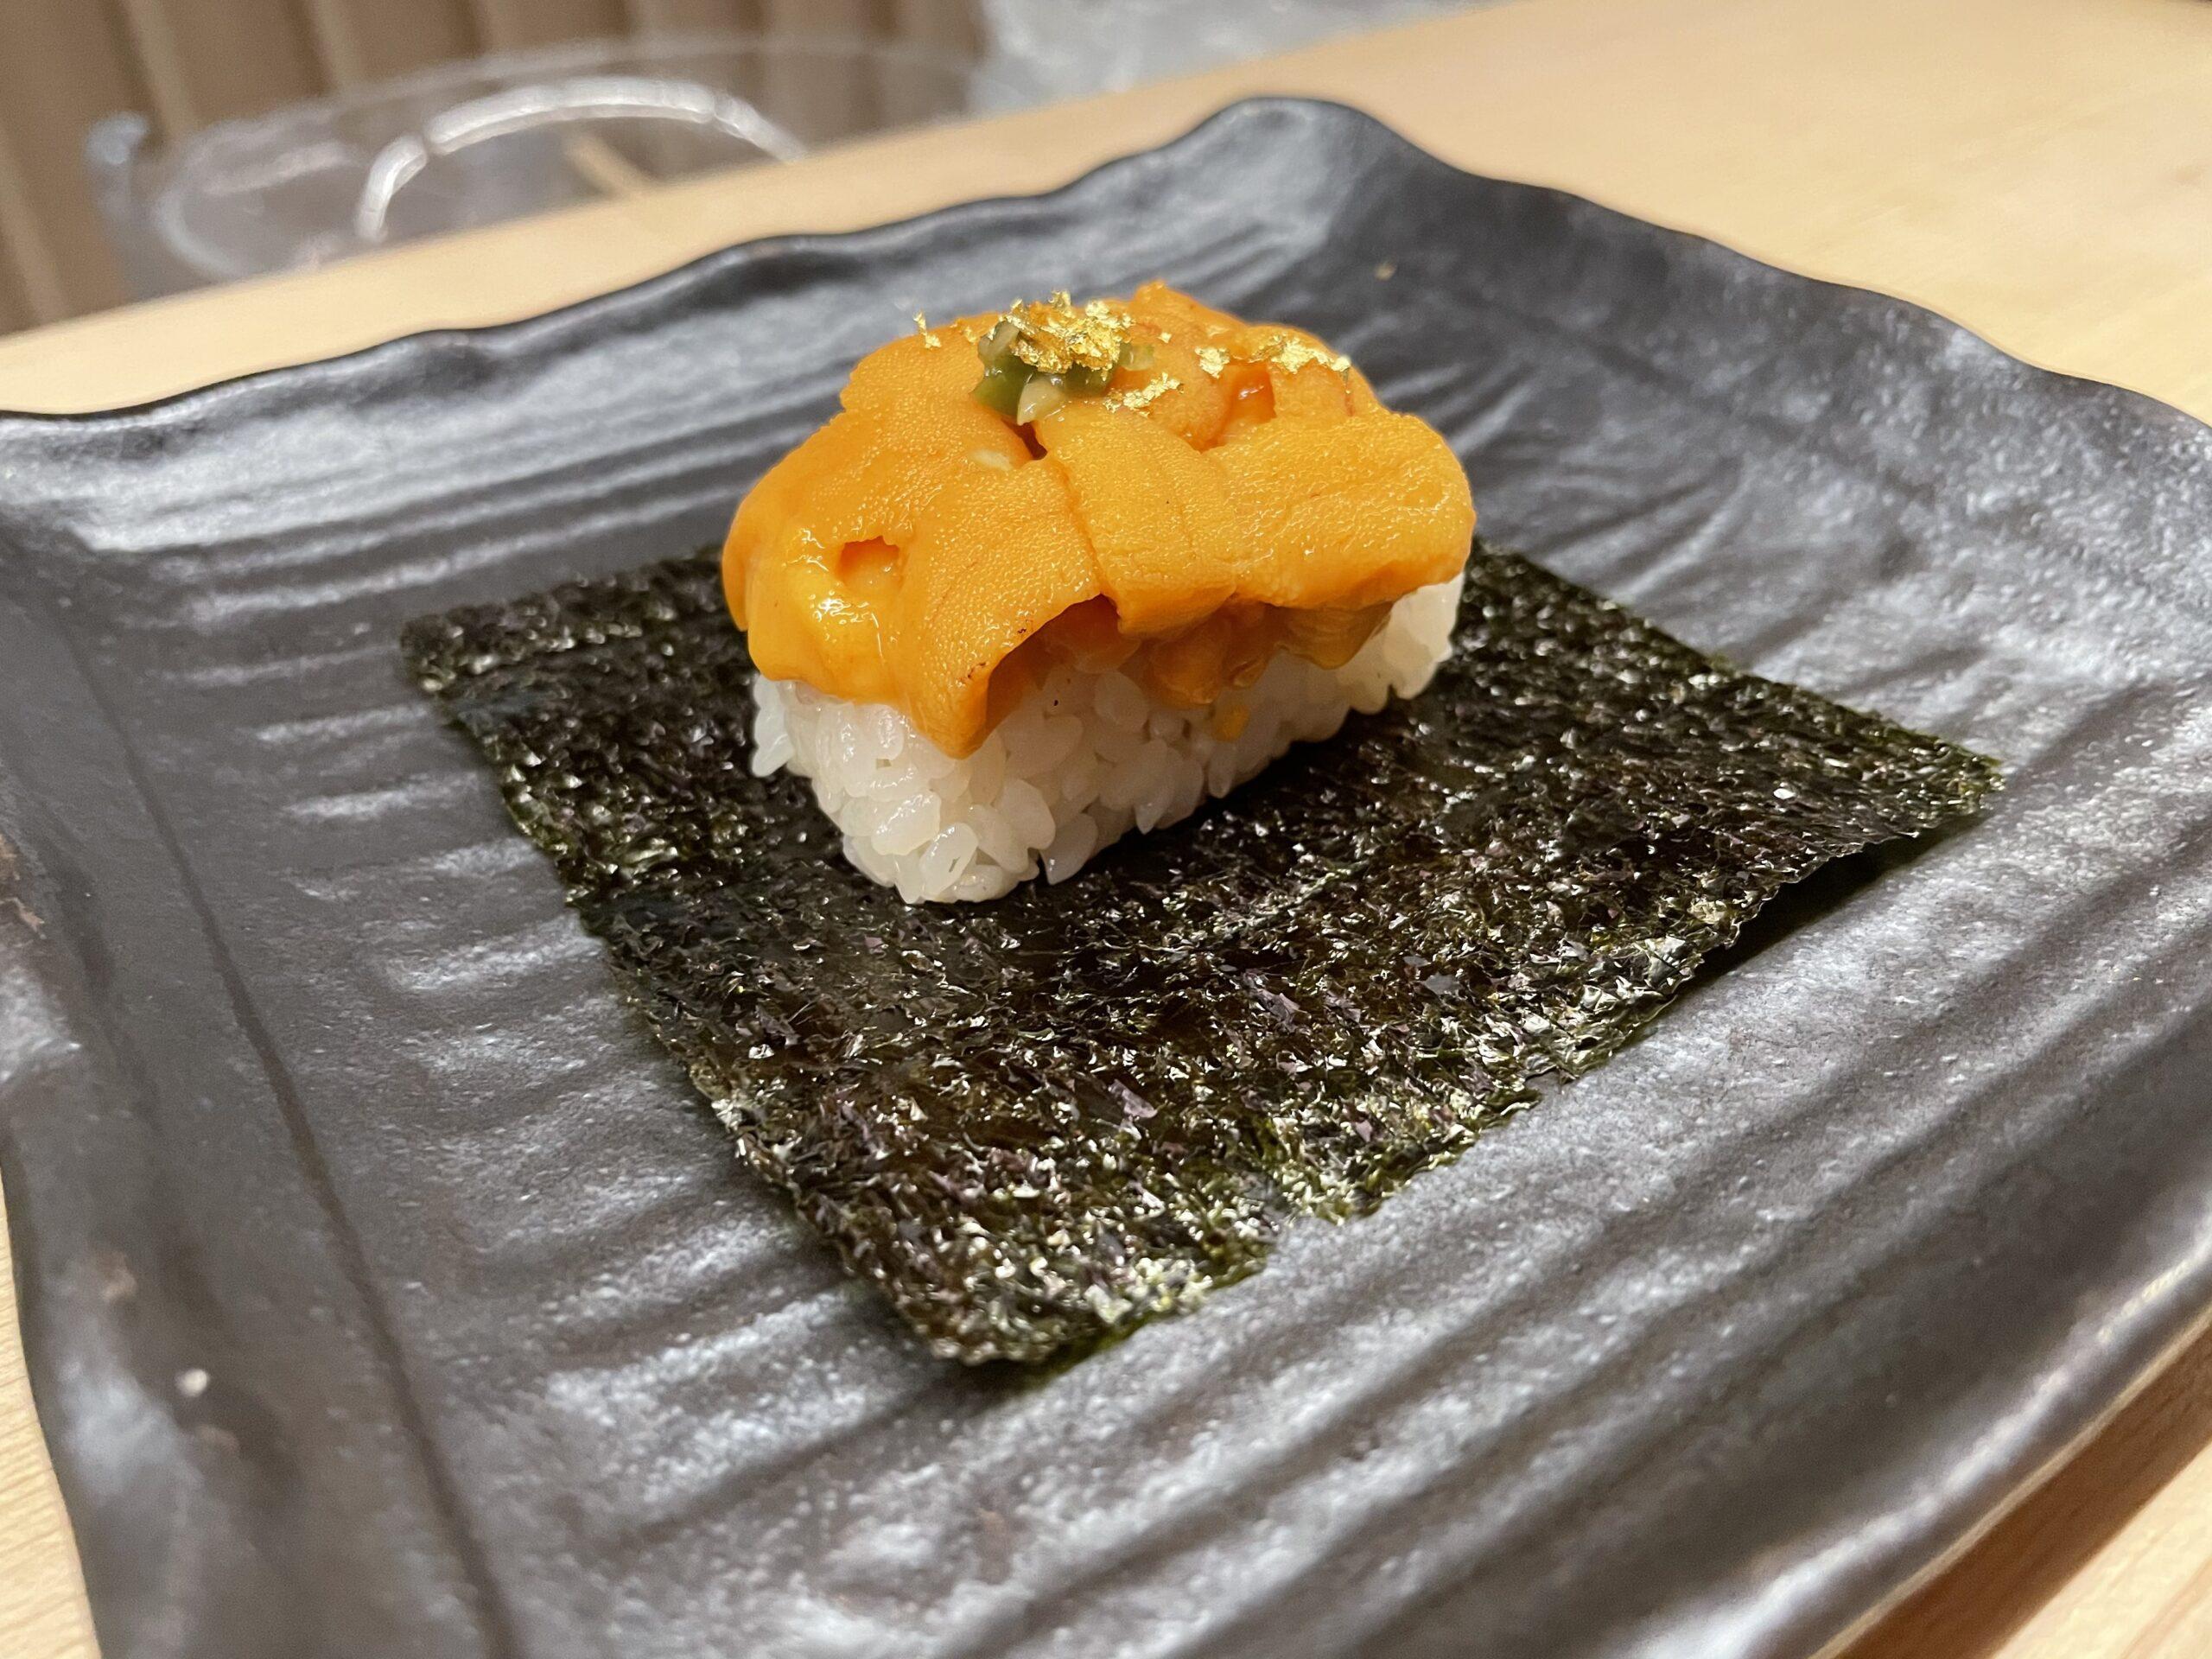 【ダウンタウン】北海道ウニも食べられる手巻き寿司Nori Handroll Bar